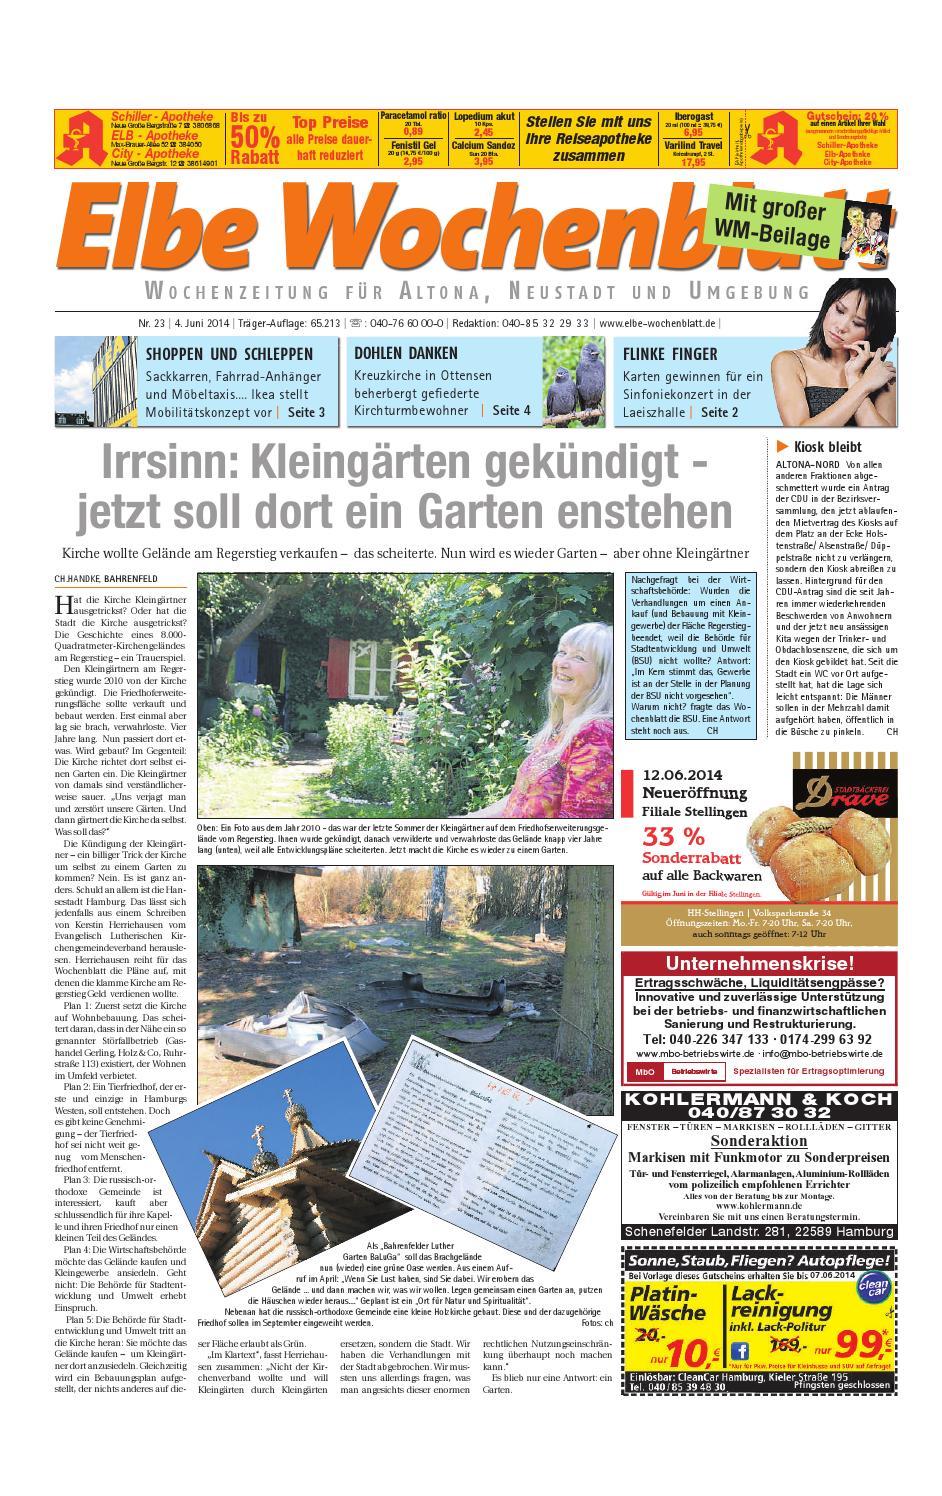 Dach Firma Ausdrucksvoll Werbebanner Inkl Gestaltung Dach Klempner bbd-01 Mit Dachdecker